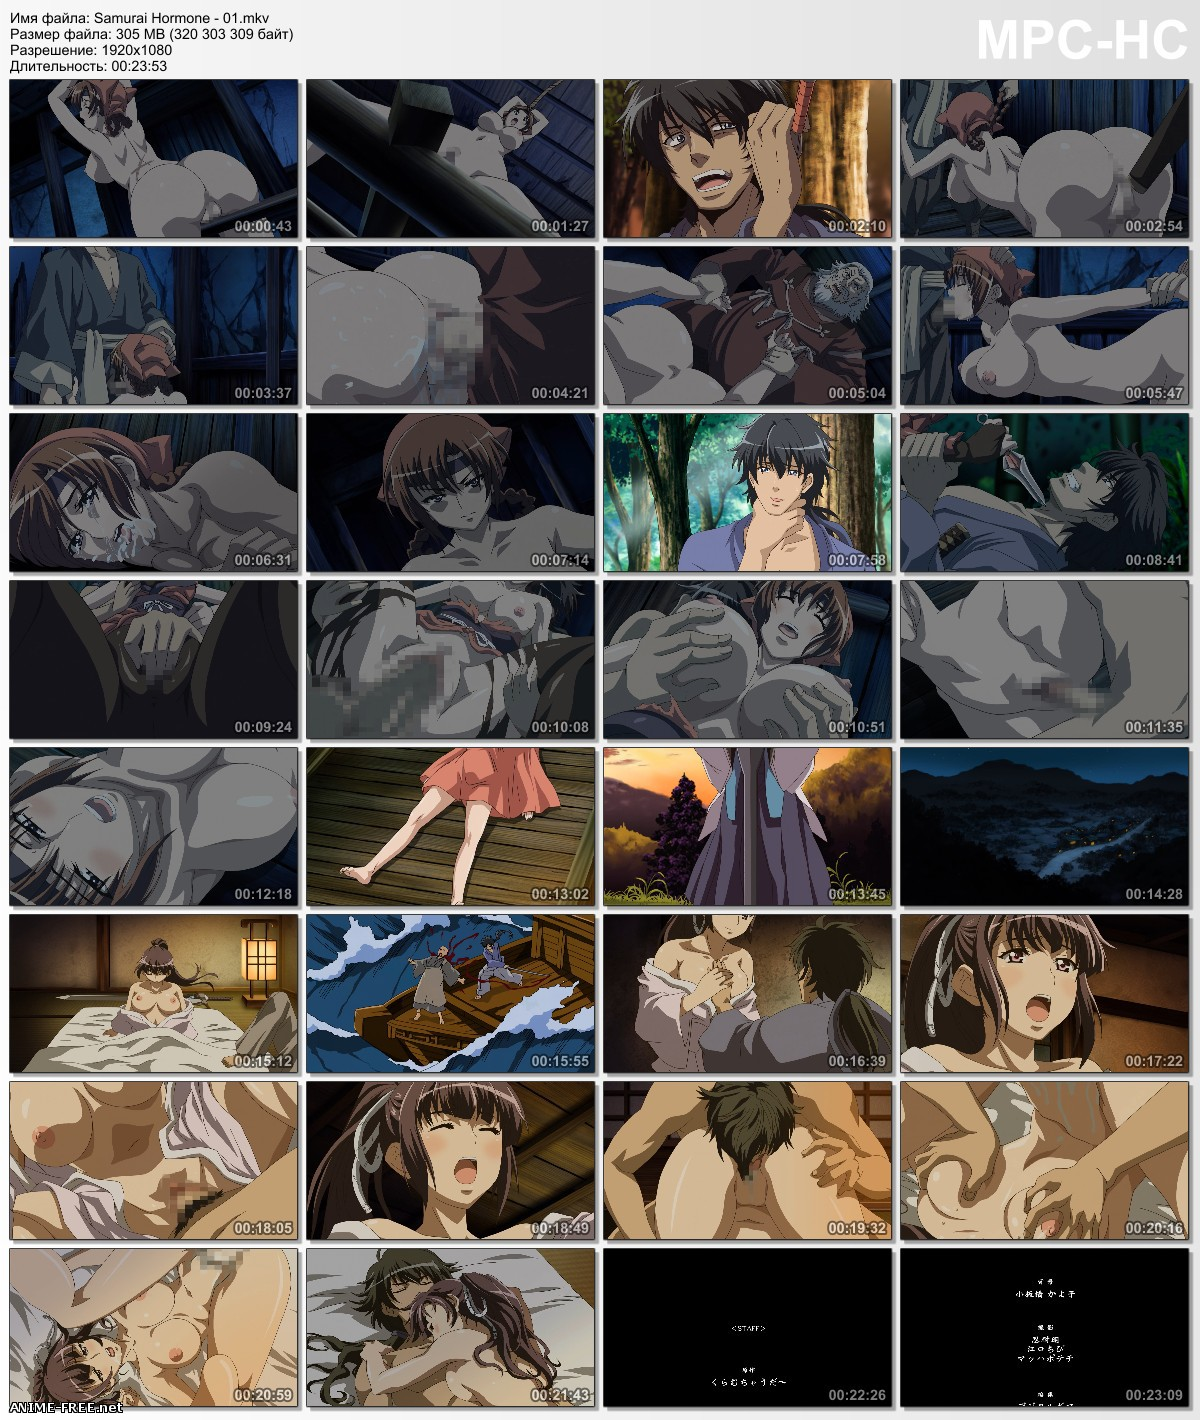 Samurai Hormone The Animation / ������� ������ [Ep.1] [1080p] [RUS,ENG,JAP] Anime Hentai